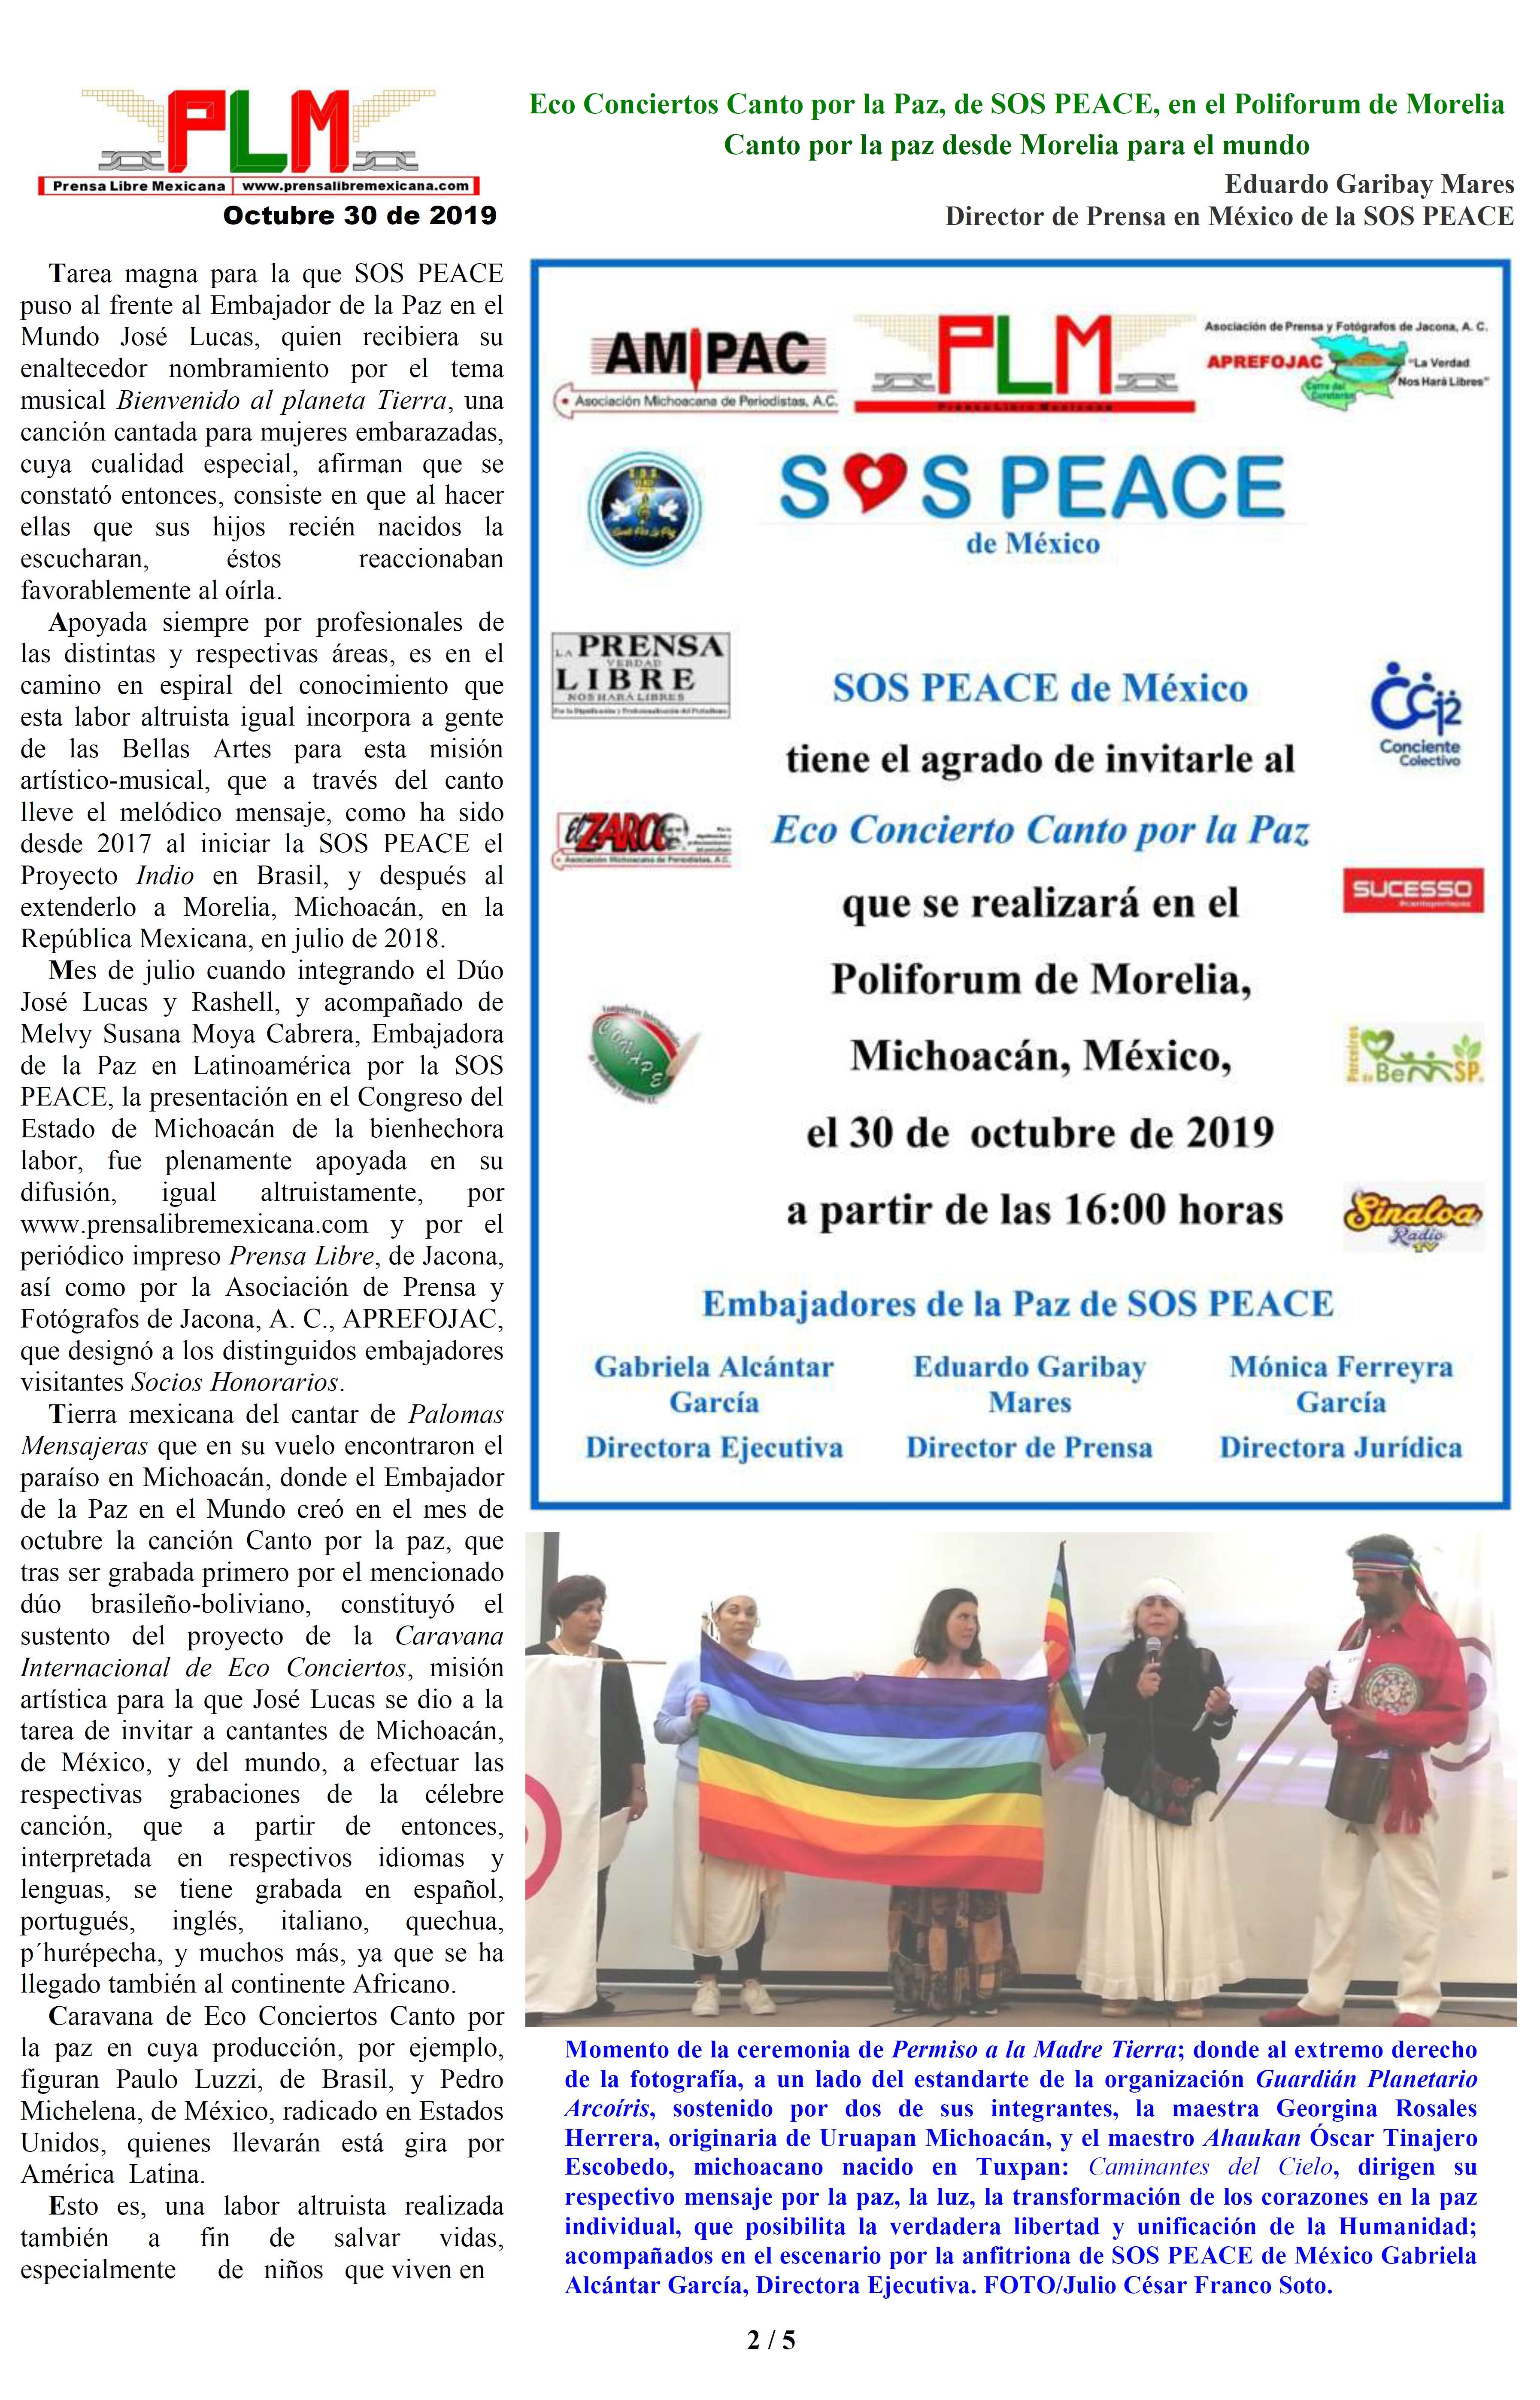 Eco Conciertos Canto por la Paz, de SOS PEACE, en el Poliforum de Morelia. Eduardo Garibay Mares. PAGINA 2